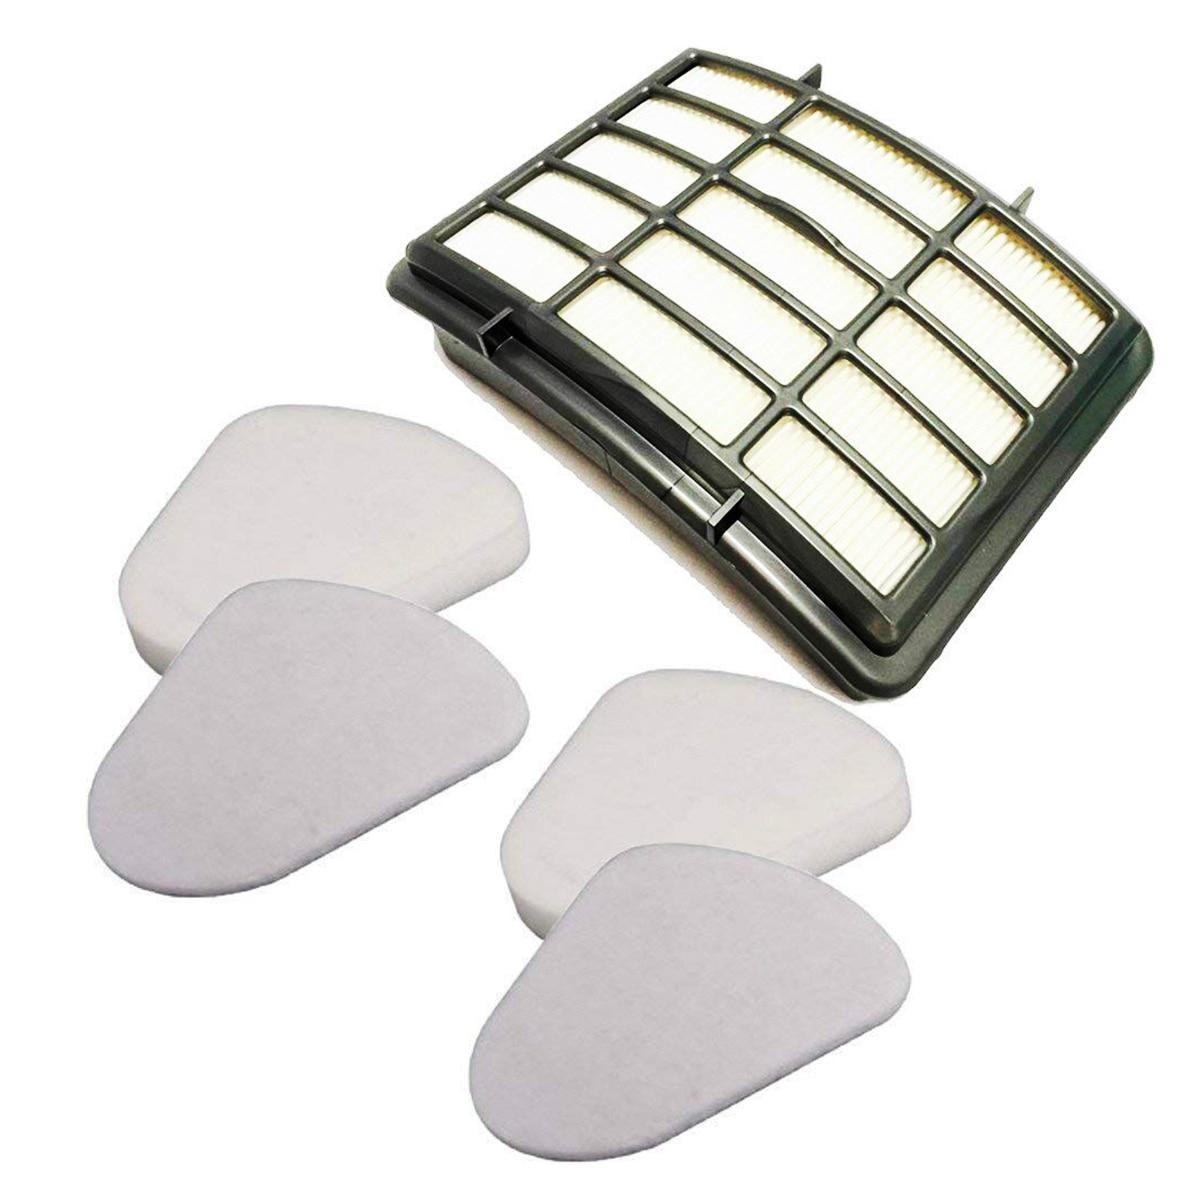 filter Kit for Shark Navigator Lift-away Nv350 Nv351, Nv352, Nv355, Nv356, Nv357 2pcs Pre-filter + 1 Hepa Filter + 2pcs Filterfilter Kit for Shark Navigator Lift-away Nv350 Nv351, Nv352, Nv355, Nv356, Nv357 2pcs Pre-filter + 1 Hepa Filter + 2pcs Filter